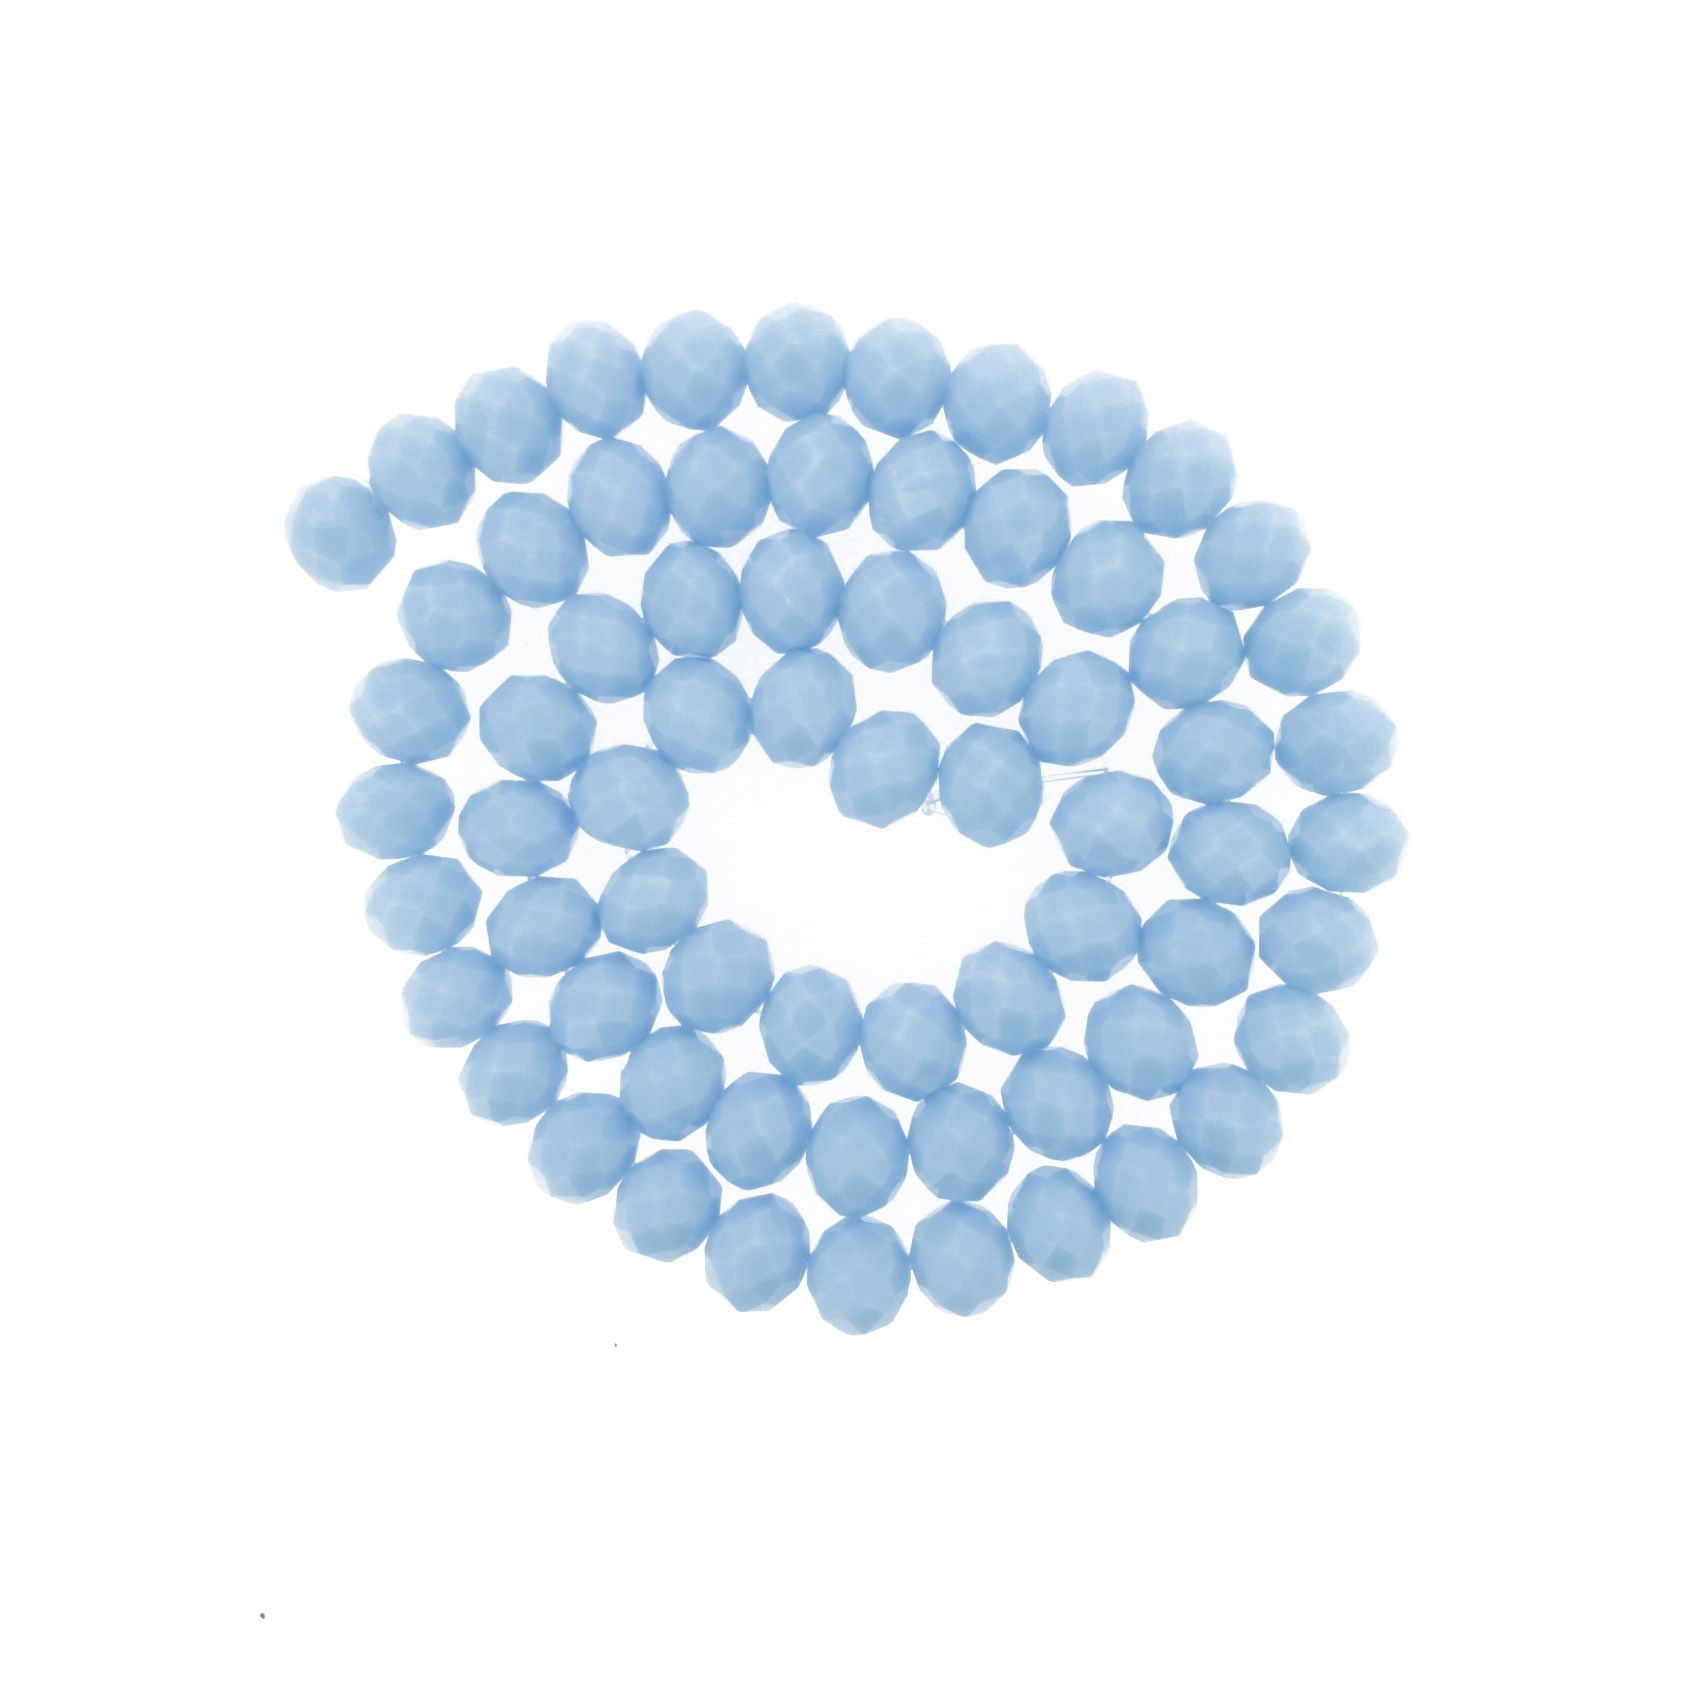 Fio de Cristal - Flat® - Azul Claro - 10mm  - Stéphanie Bijoux® - Peças para Bijuterias e Artesanato